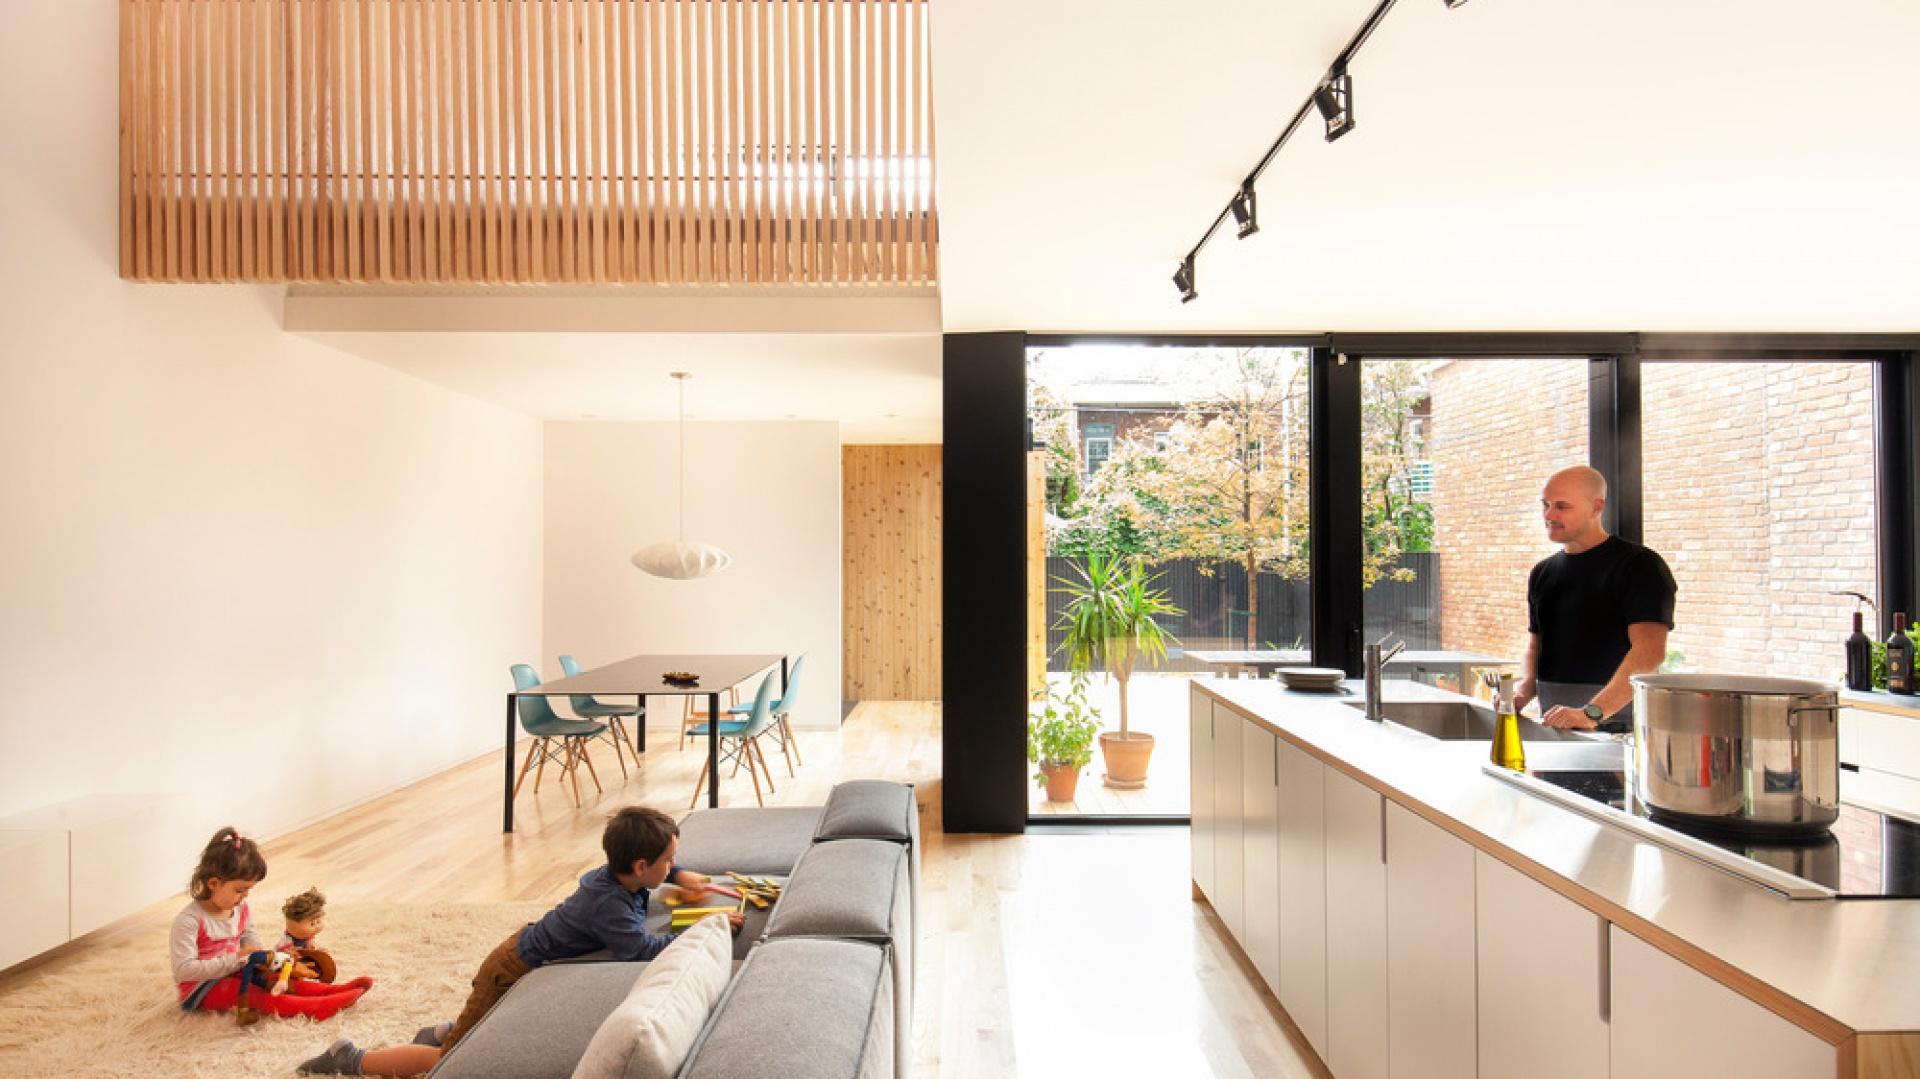 Dużą kuchnię otwarto na salon. Przestrzenne wnętrze wydaje się dodatkowo większe dzięki jasnym kolorom na ścianach i dużym przeszkleniom, wyglądającym na patio. Projekt: la SHED Architecture. Fot. Maxime Brouilette.